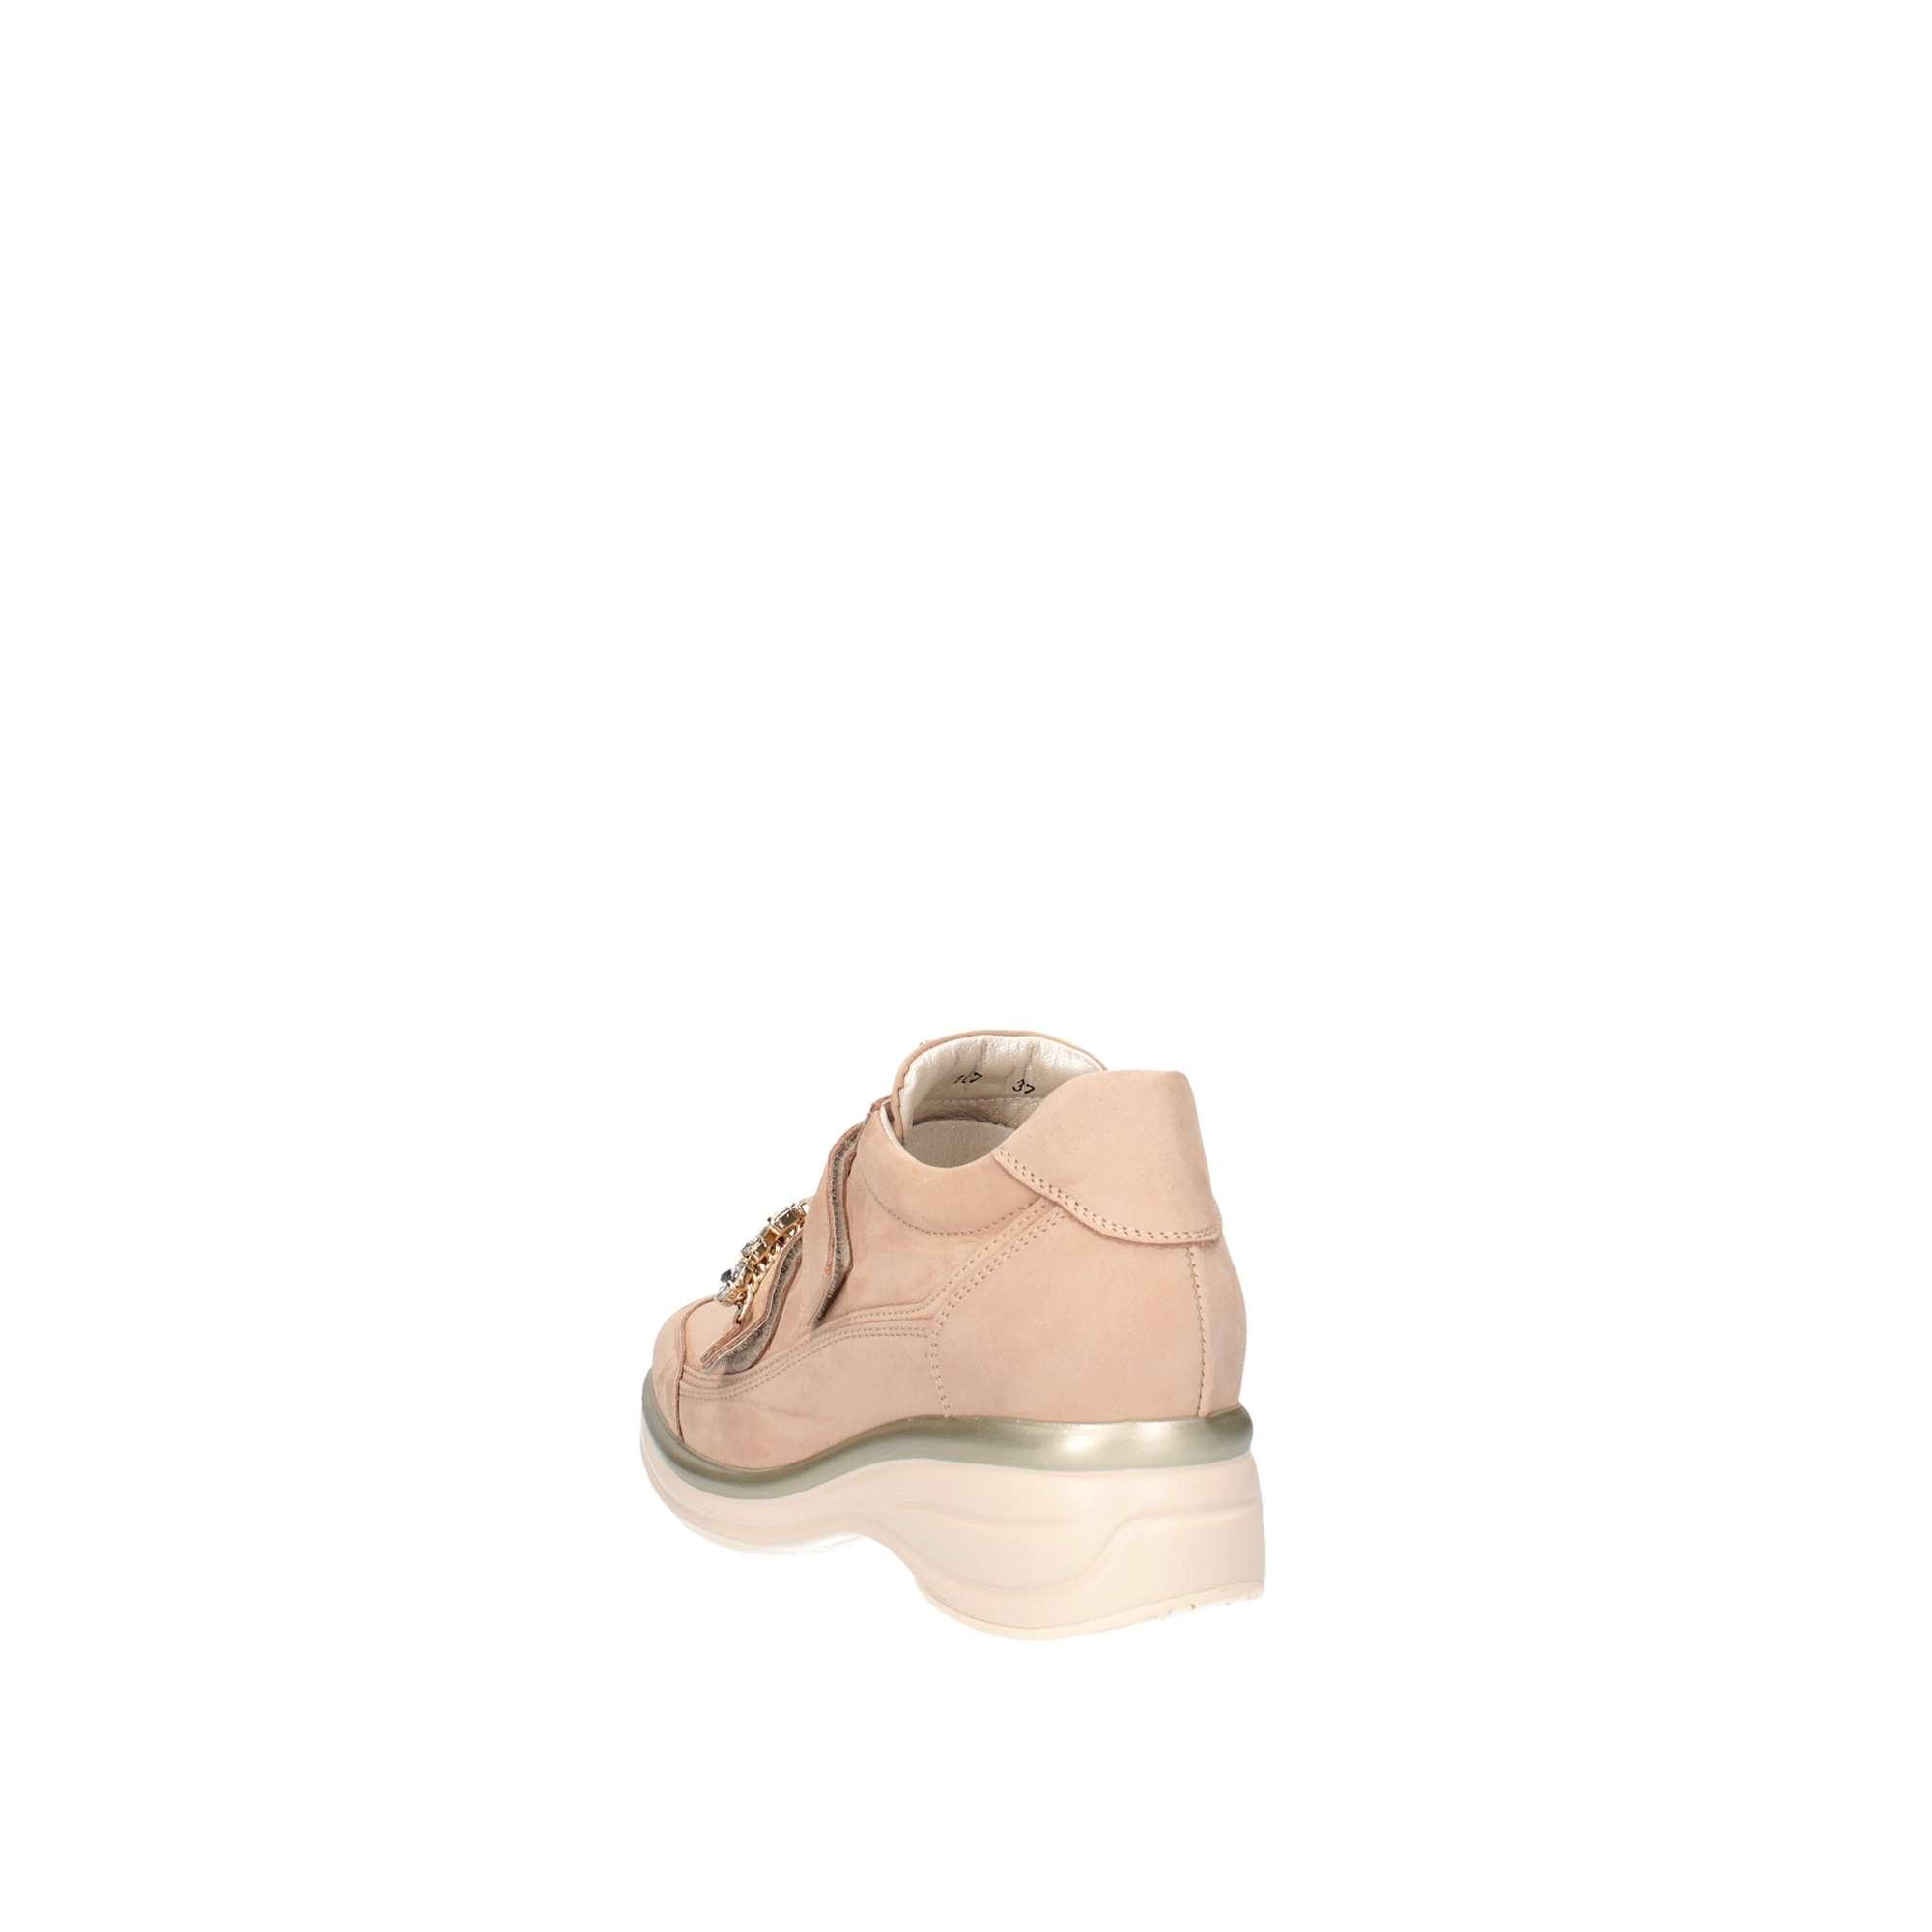 Paciotti P Wi107 Sneakers Primavera By Beige Donna Camoscio Cesare estate qERdFd